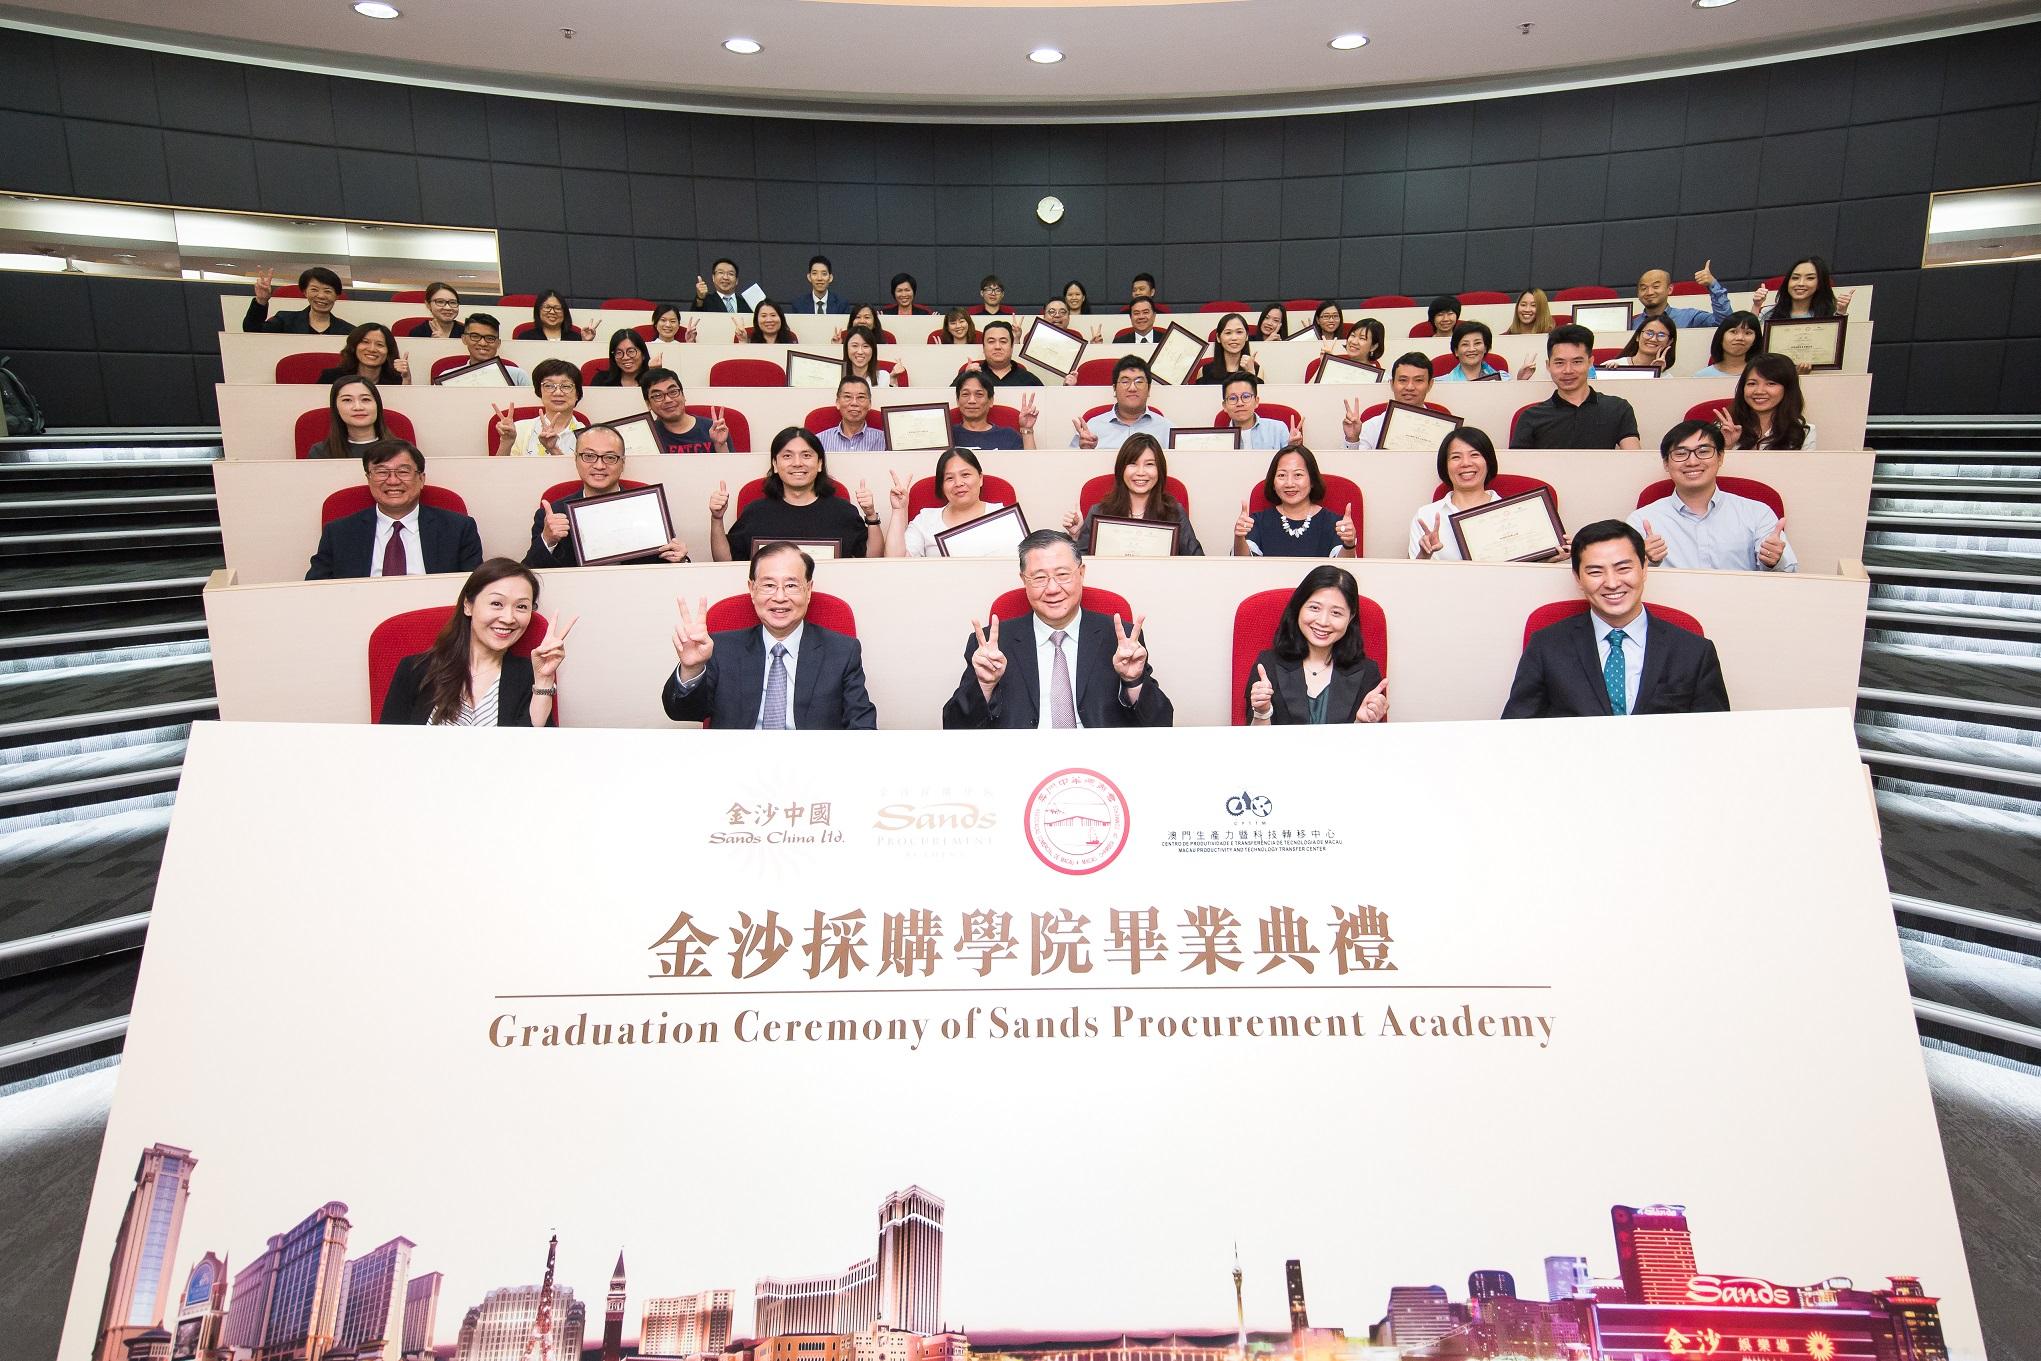 金沙採购学院第三届学员毕业典礼 - 金沙中国